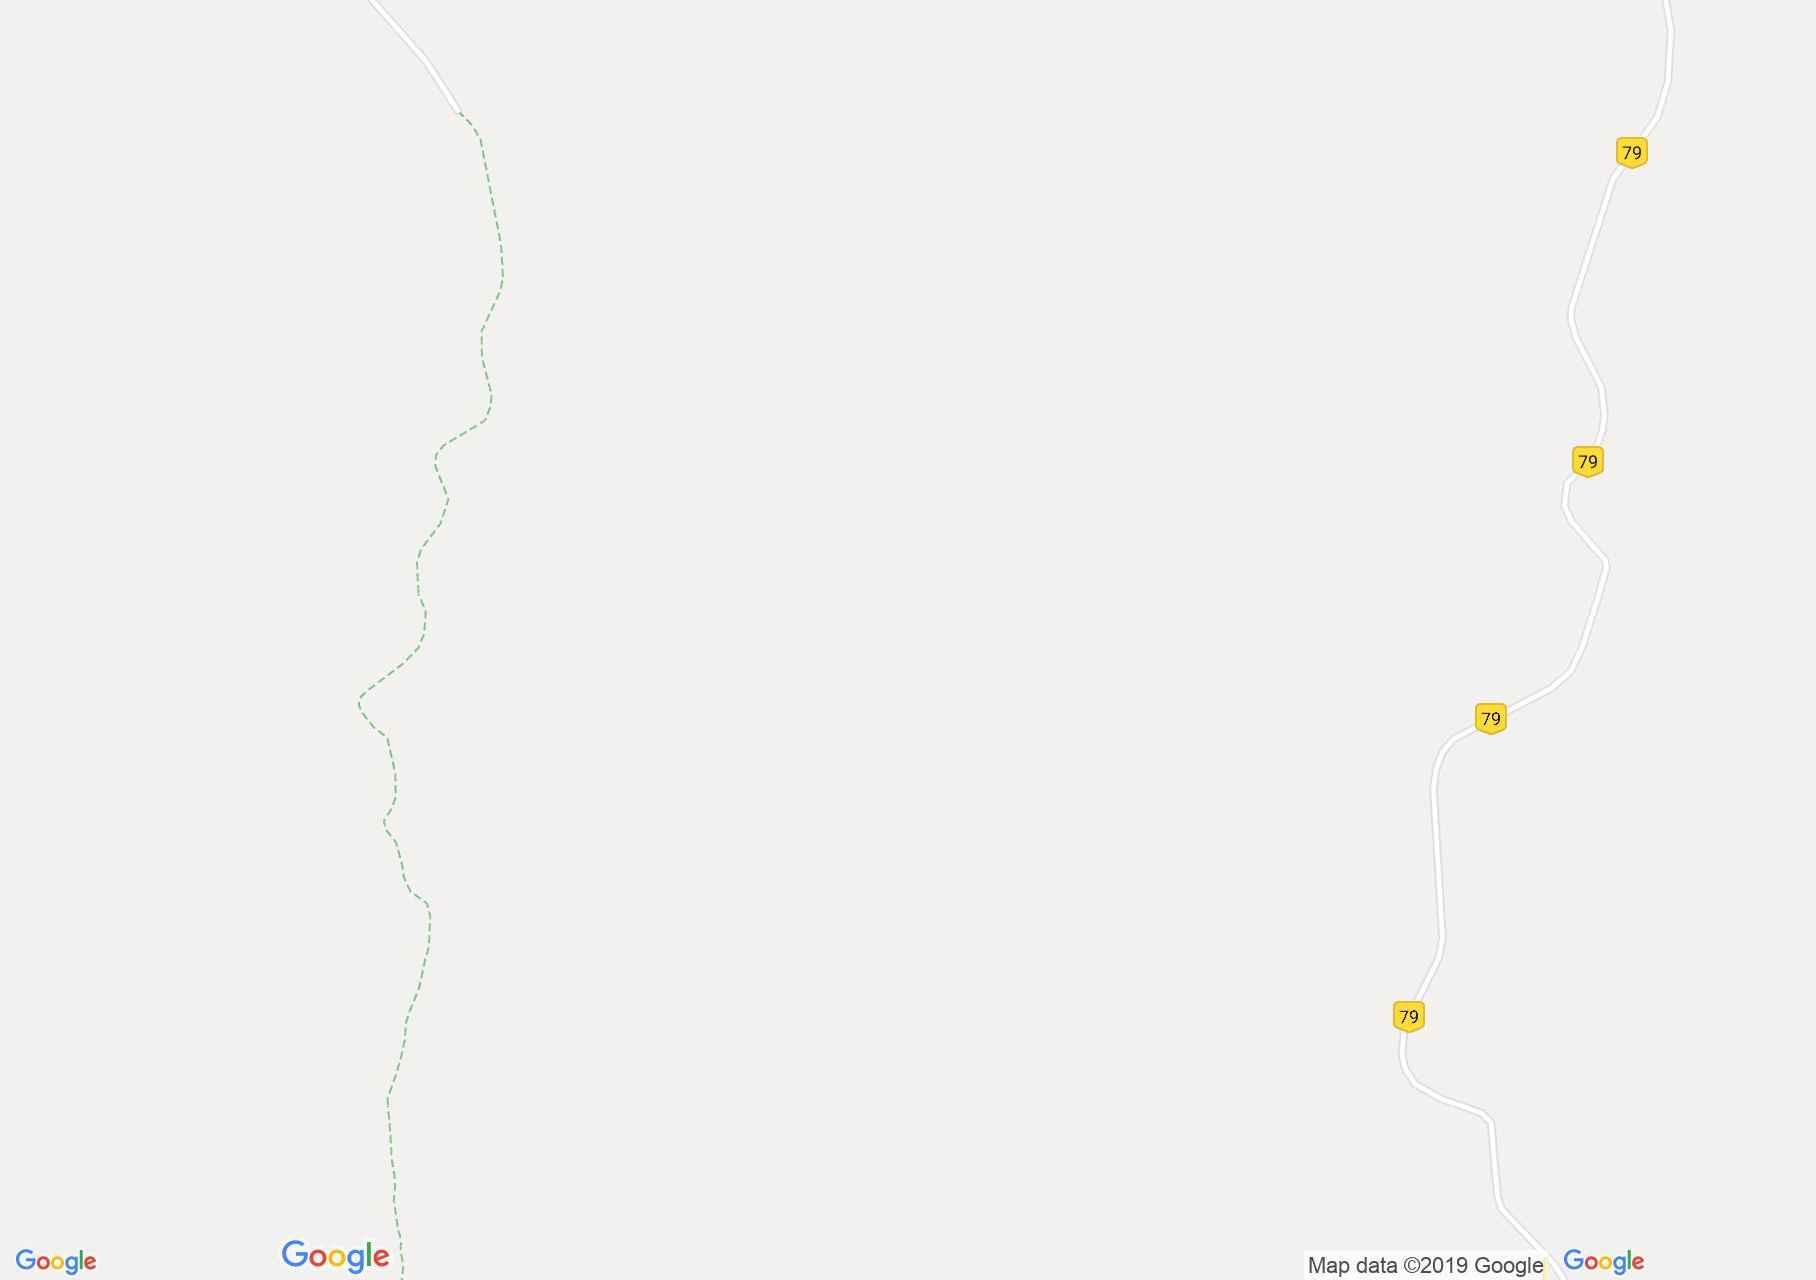 Map of Făgăraş mountains: Sâmbăta complex - Răcorele saddle